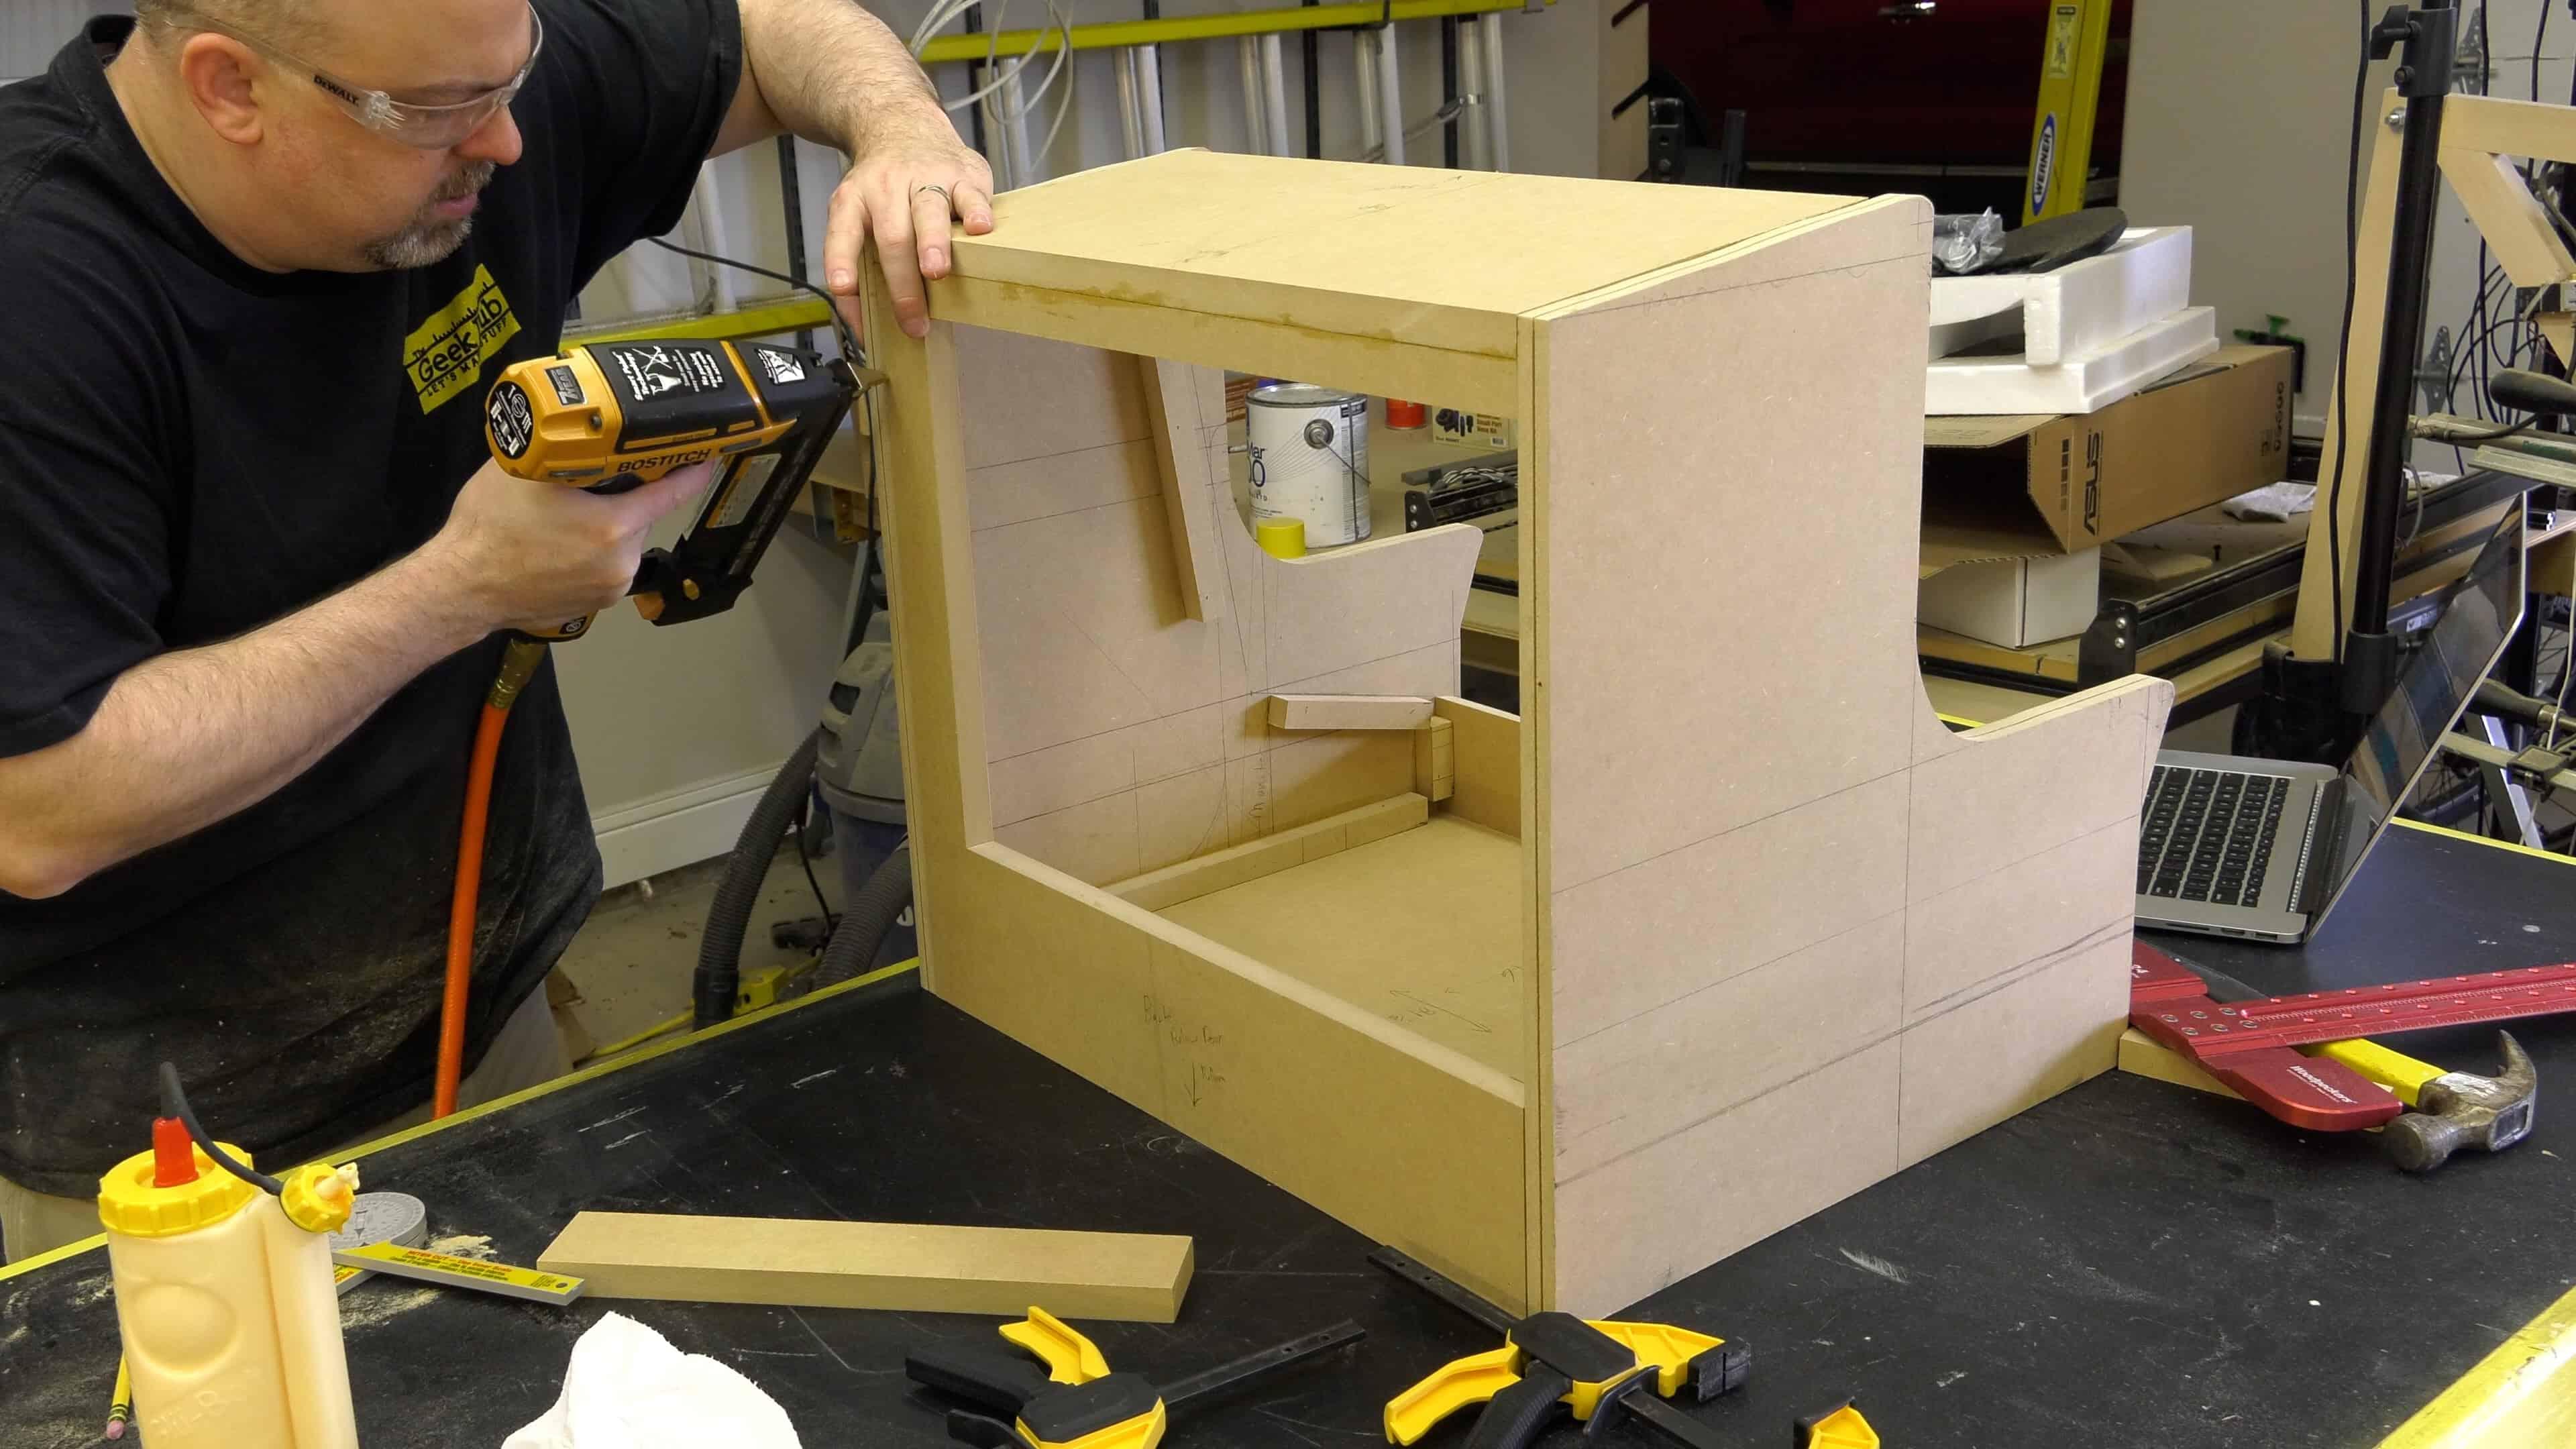 Pacade RetroPie Bartop Arcade Cabinet Build   0017